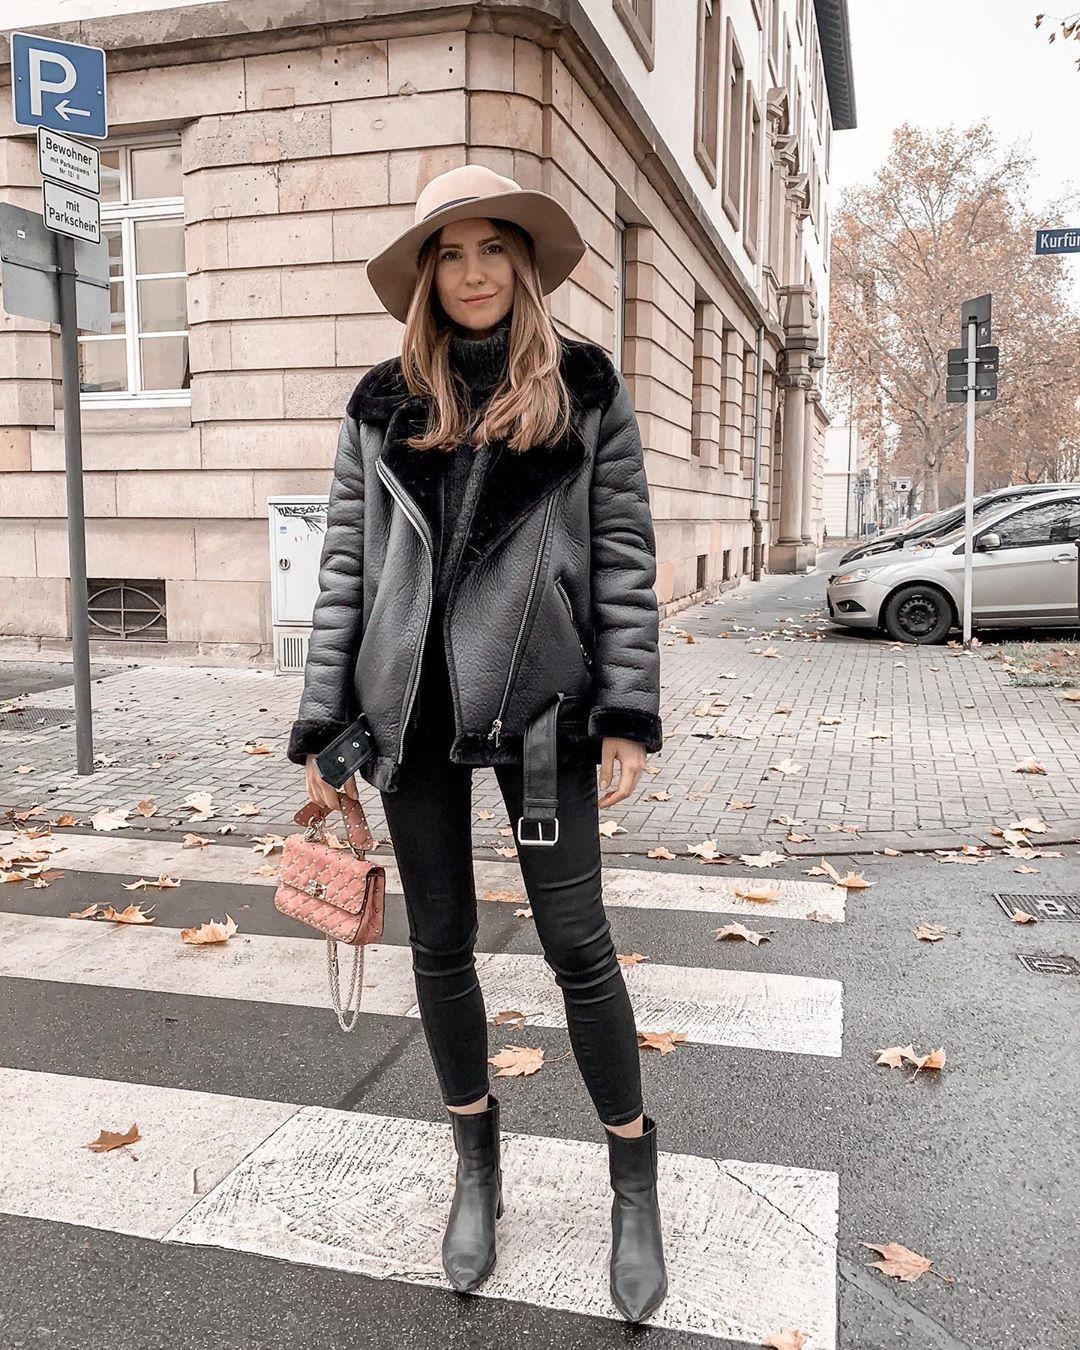 jacket black leather jacket shearling jacket ankle boots black boots black skinny jeans black sweater turtleneck sweater bag hat